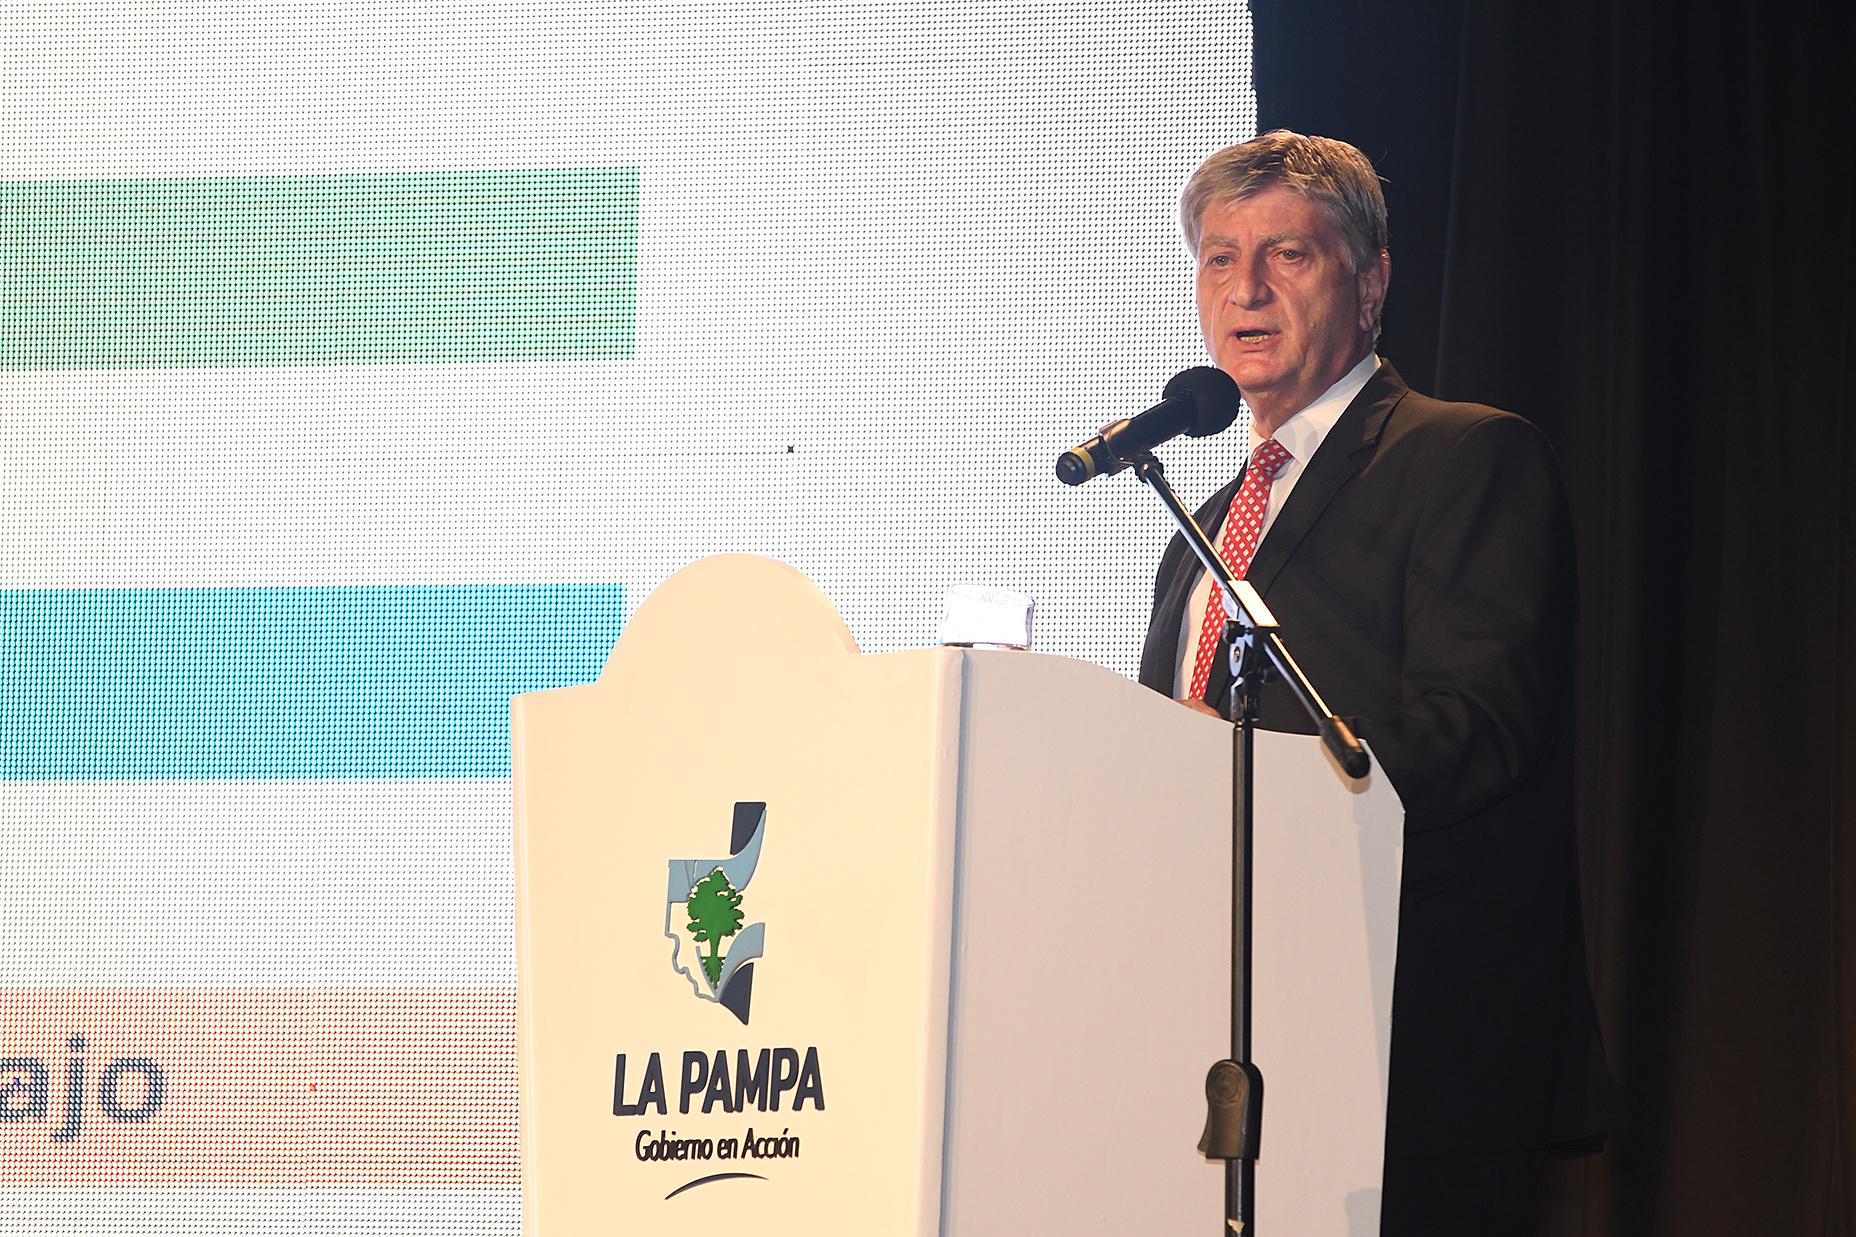 Sergio Ziliotto presentó un ambicioso plan de Gobierno que incluye financiamiento, subsidios, menos impuestos y fomento al sector privado